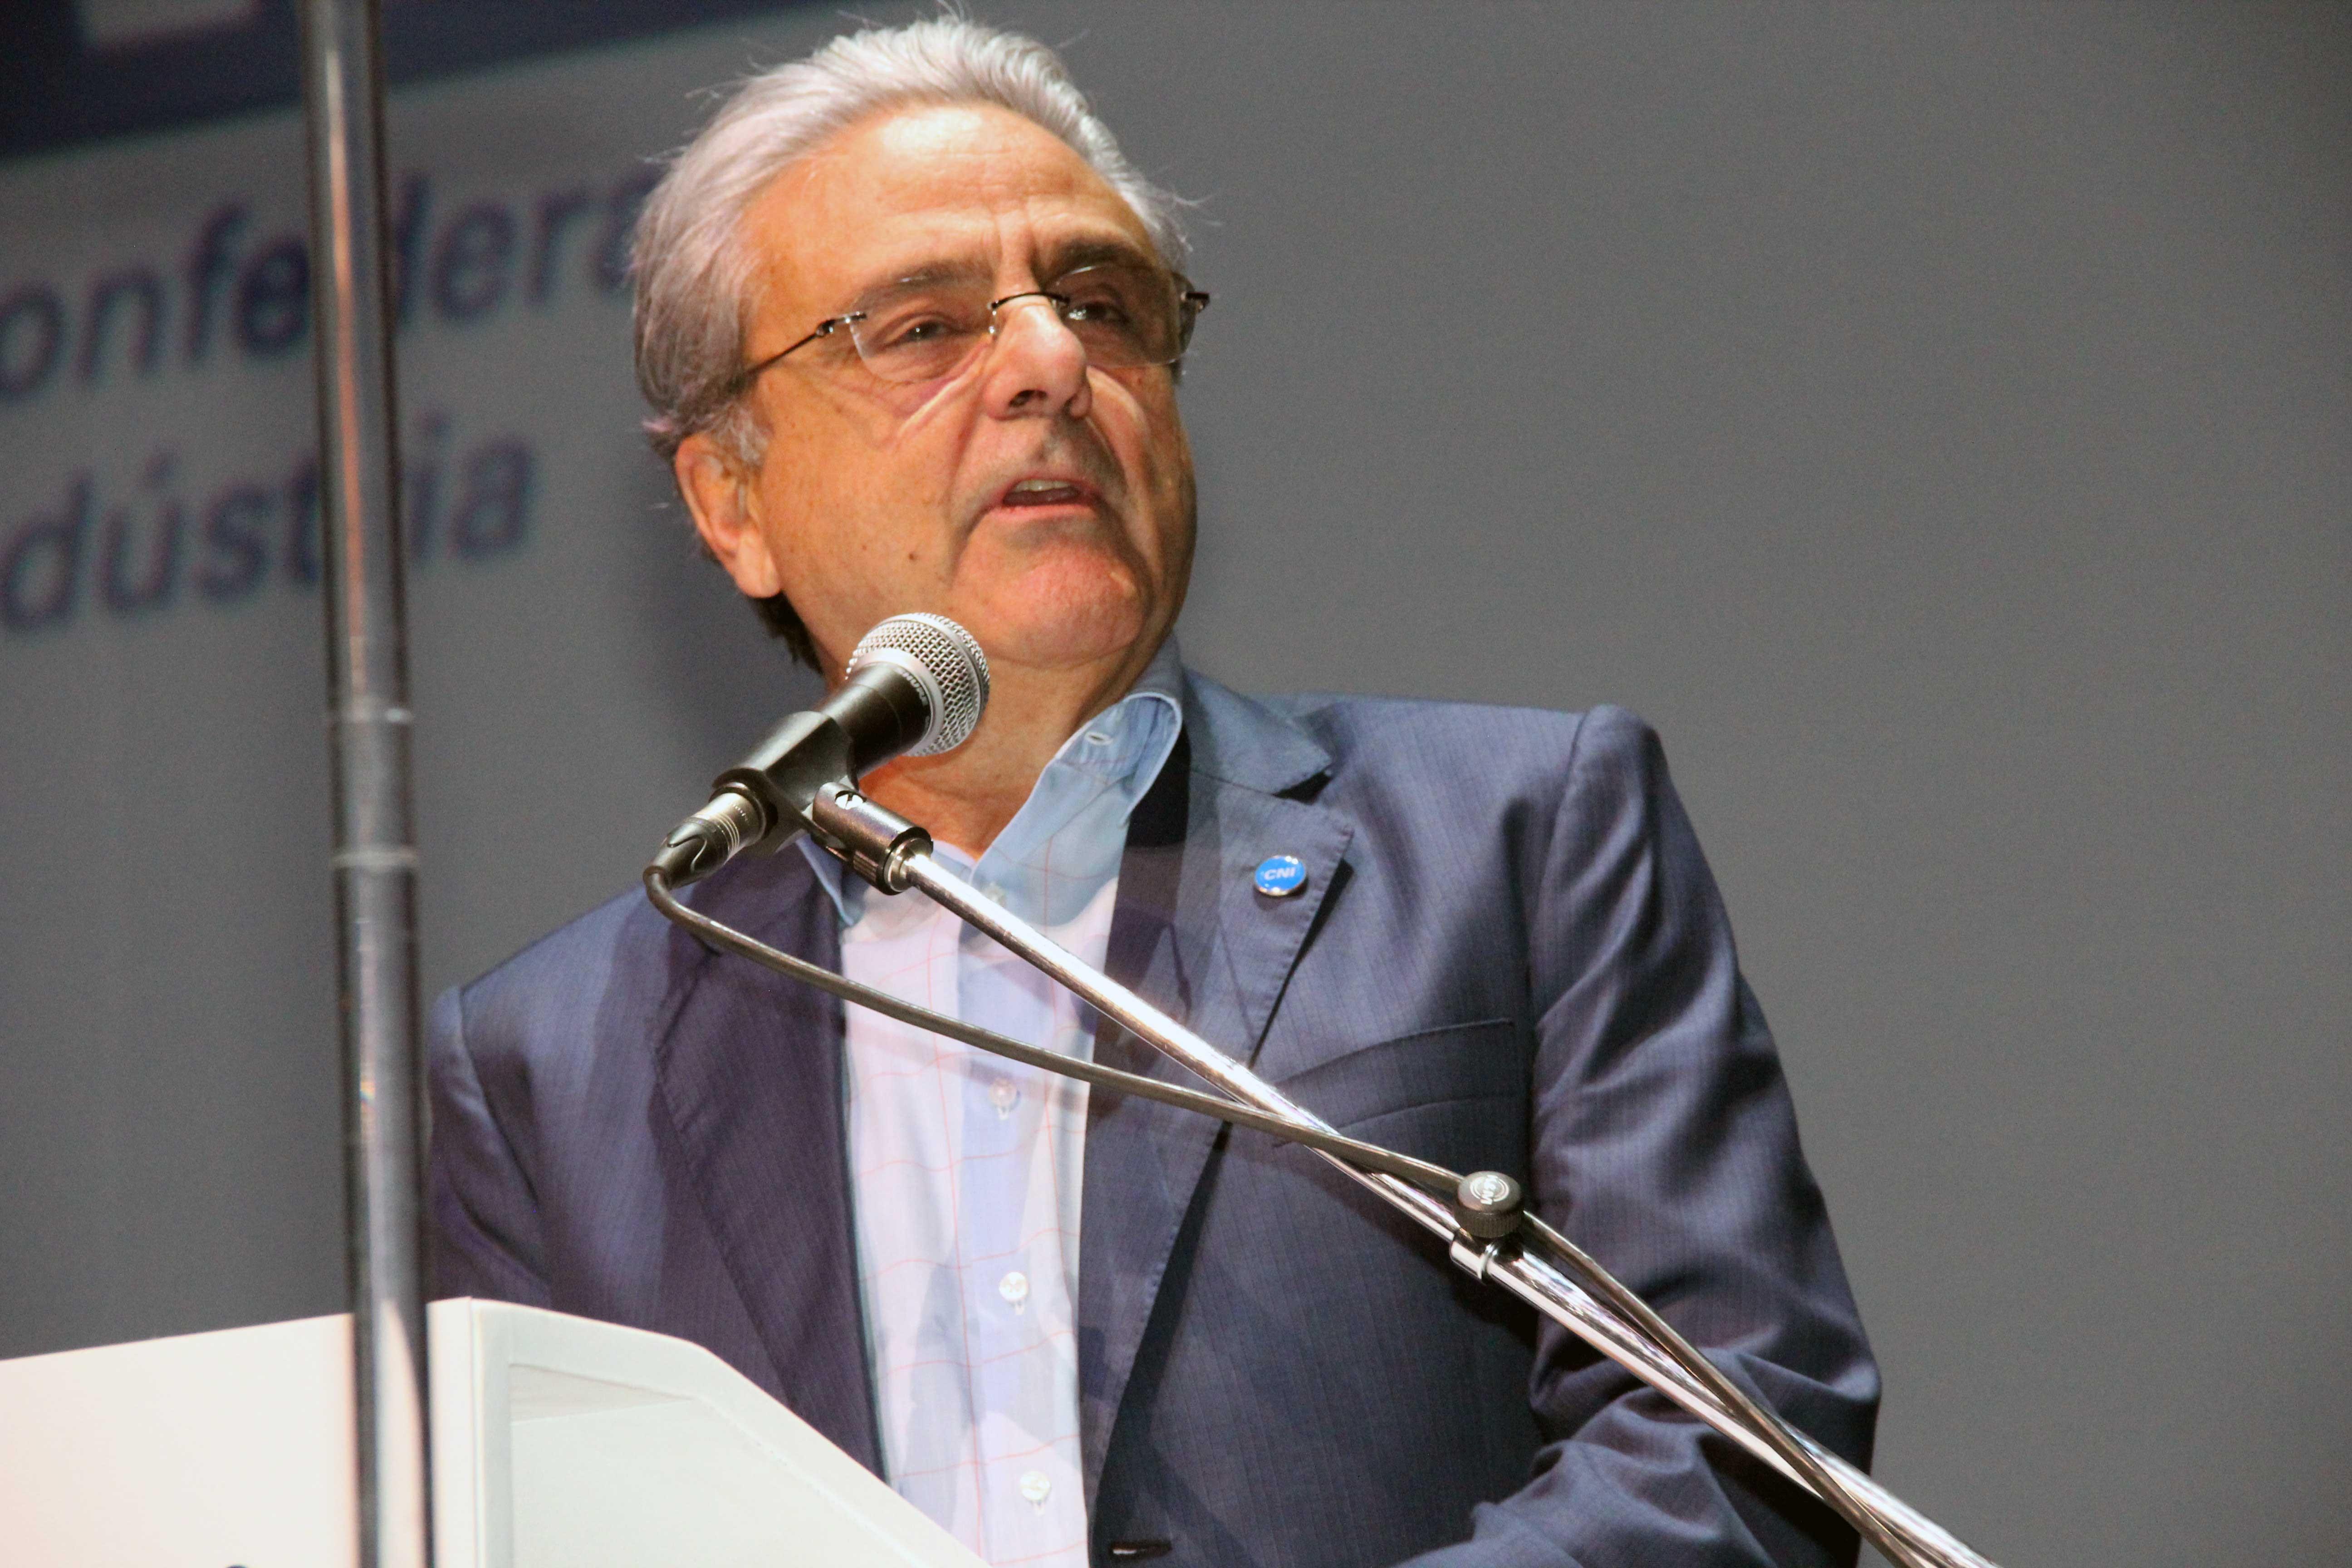 Justiça solta presidente da CNI e mais cinco presos na Operação Fantoche, que investiga corrupção em contratos do Sistema S  - Noticias